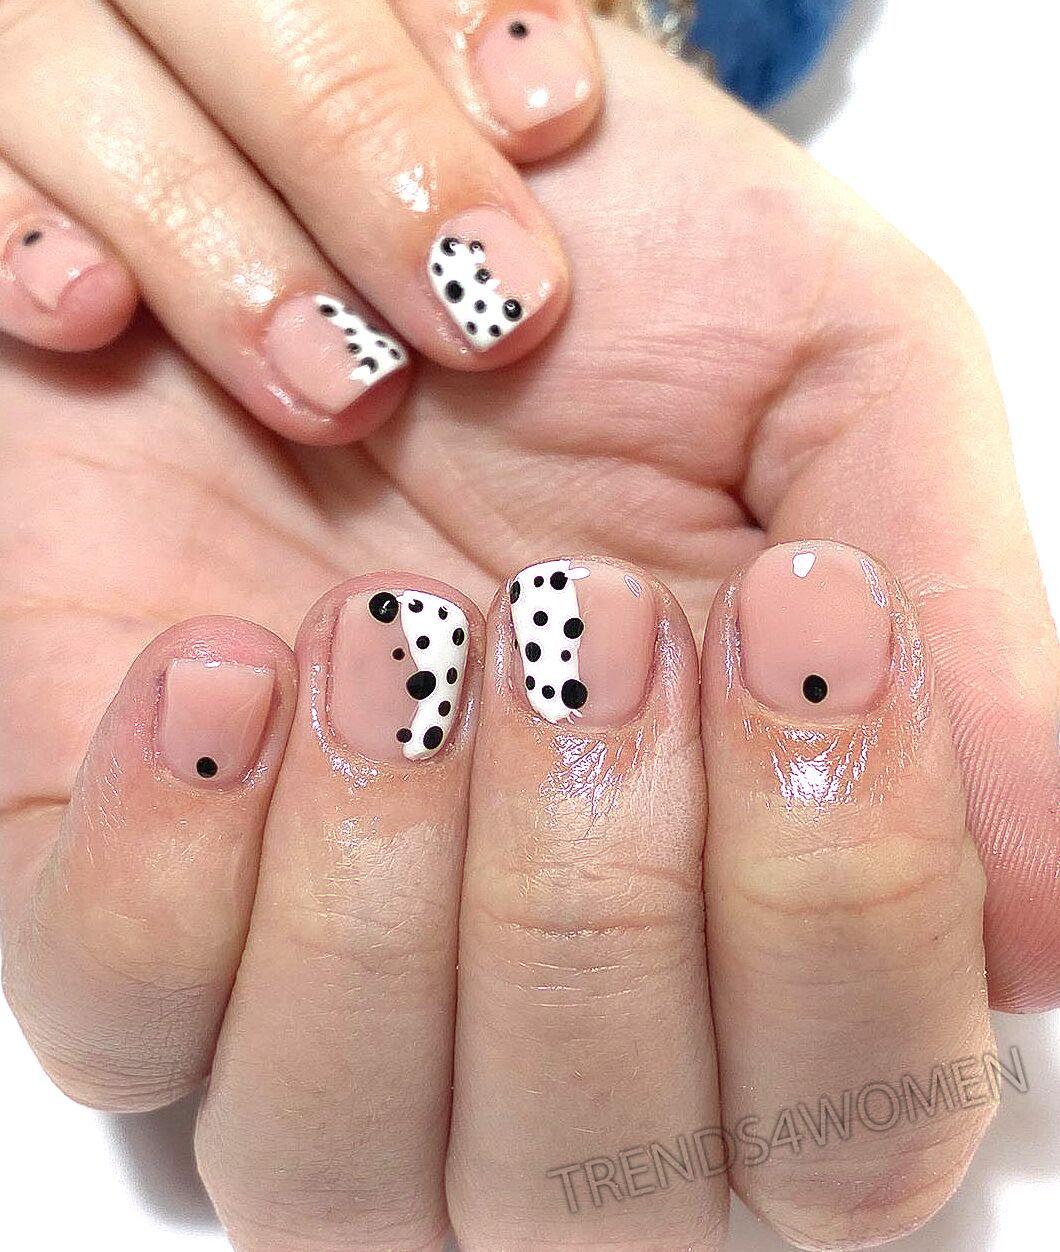 #nolasnails #nails #abstractart #dotnails #nudenails #abstractnails #nailart #naildesign #naturalnails #instanails #homesalon #nailtechnician #essex